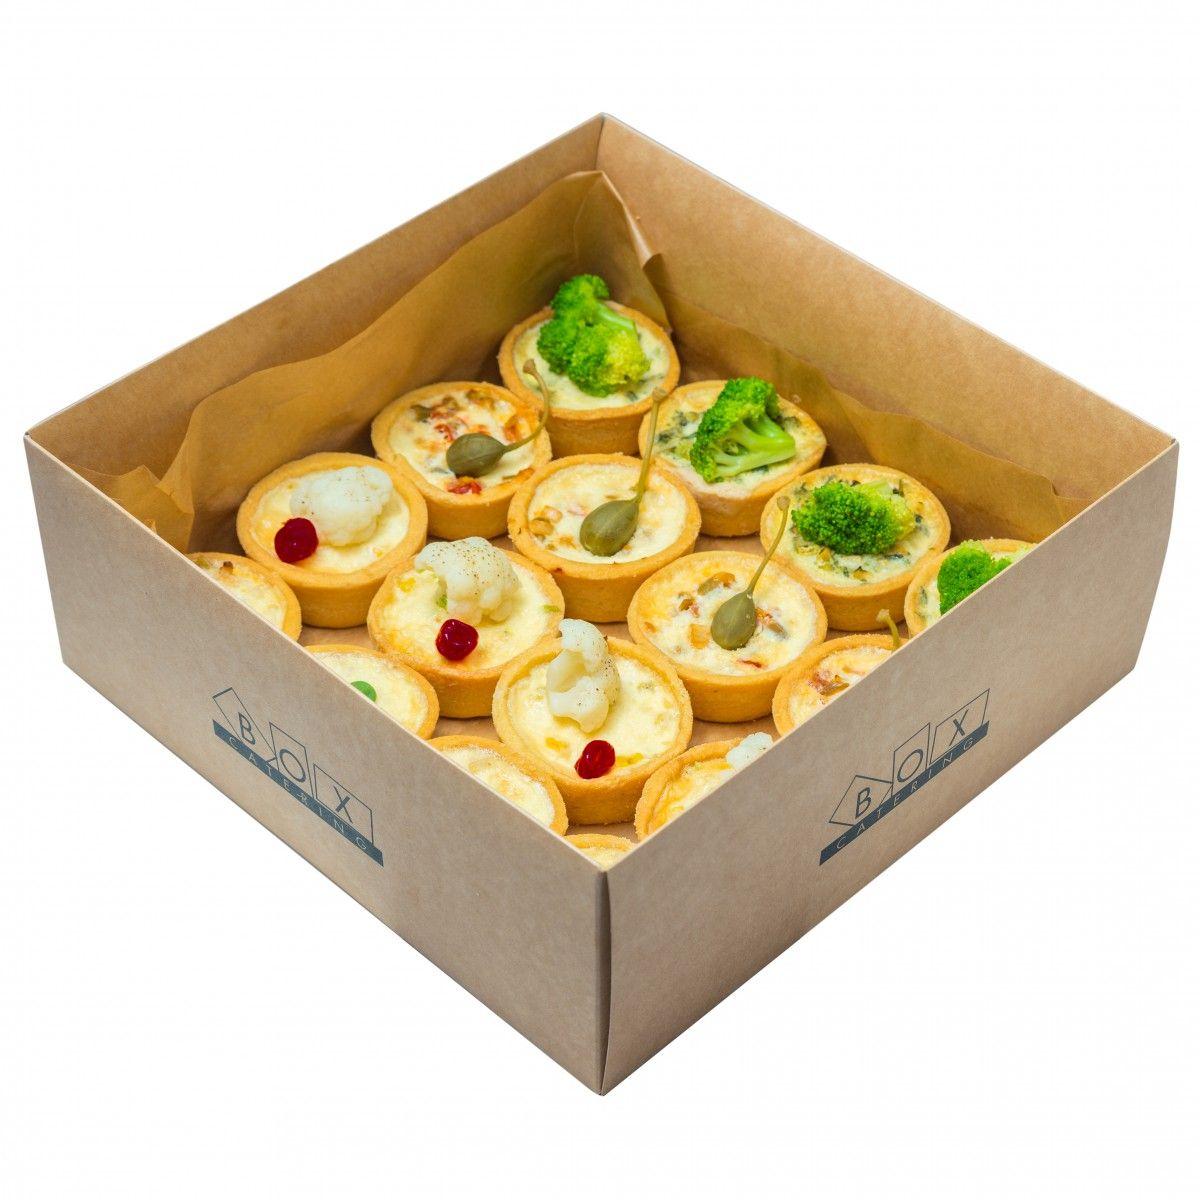 Киш лорен vegetarian box фото 3